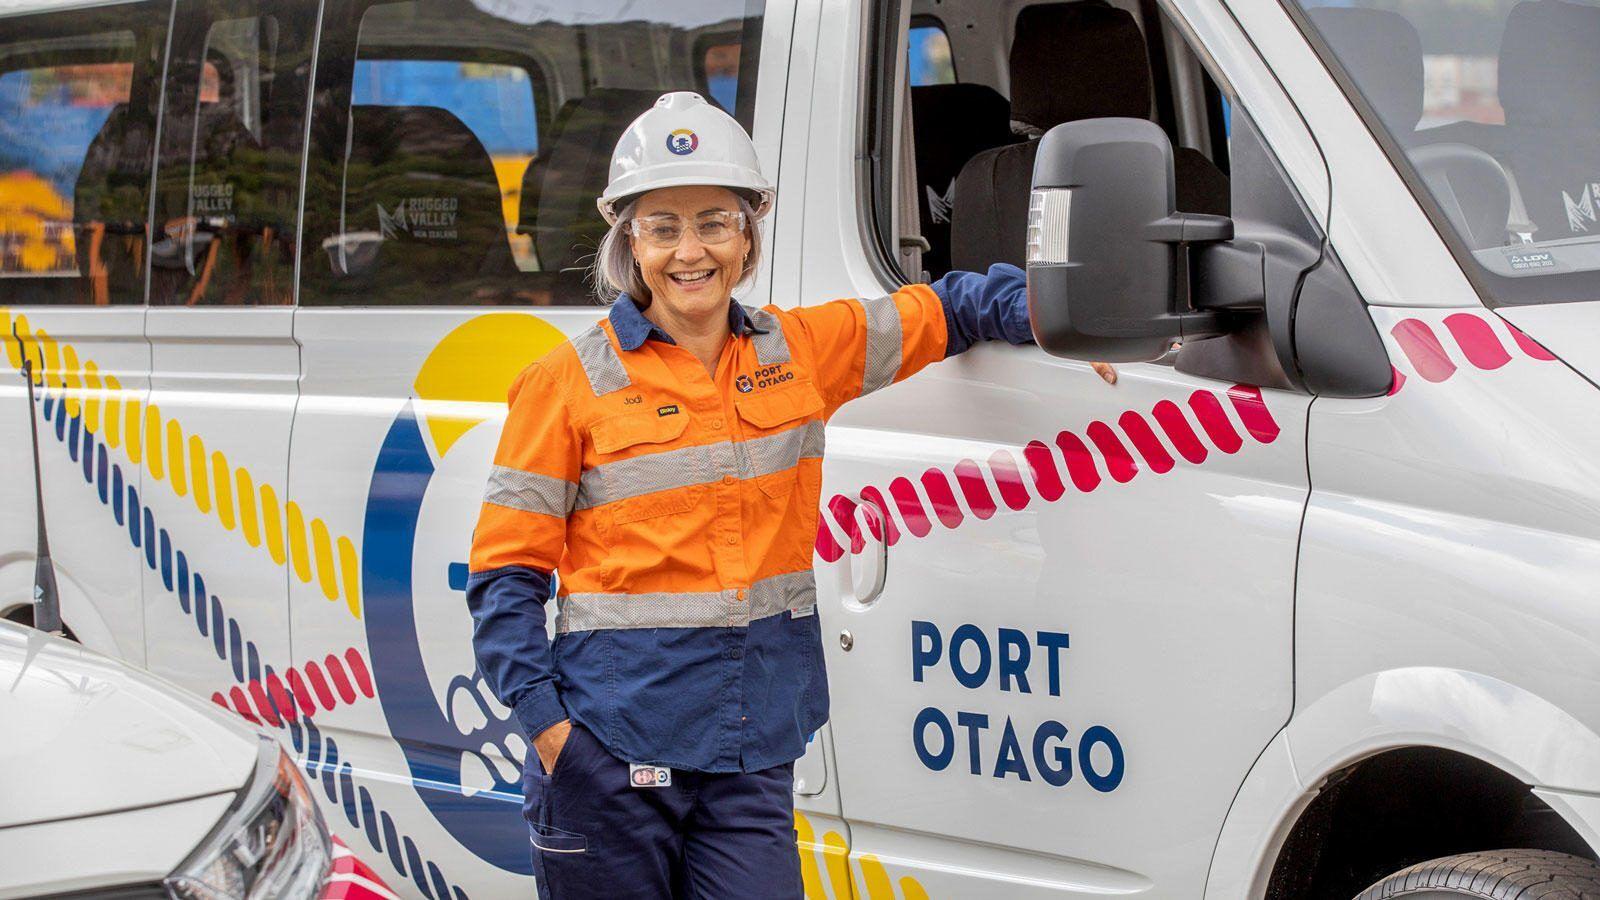 ports of otago hero